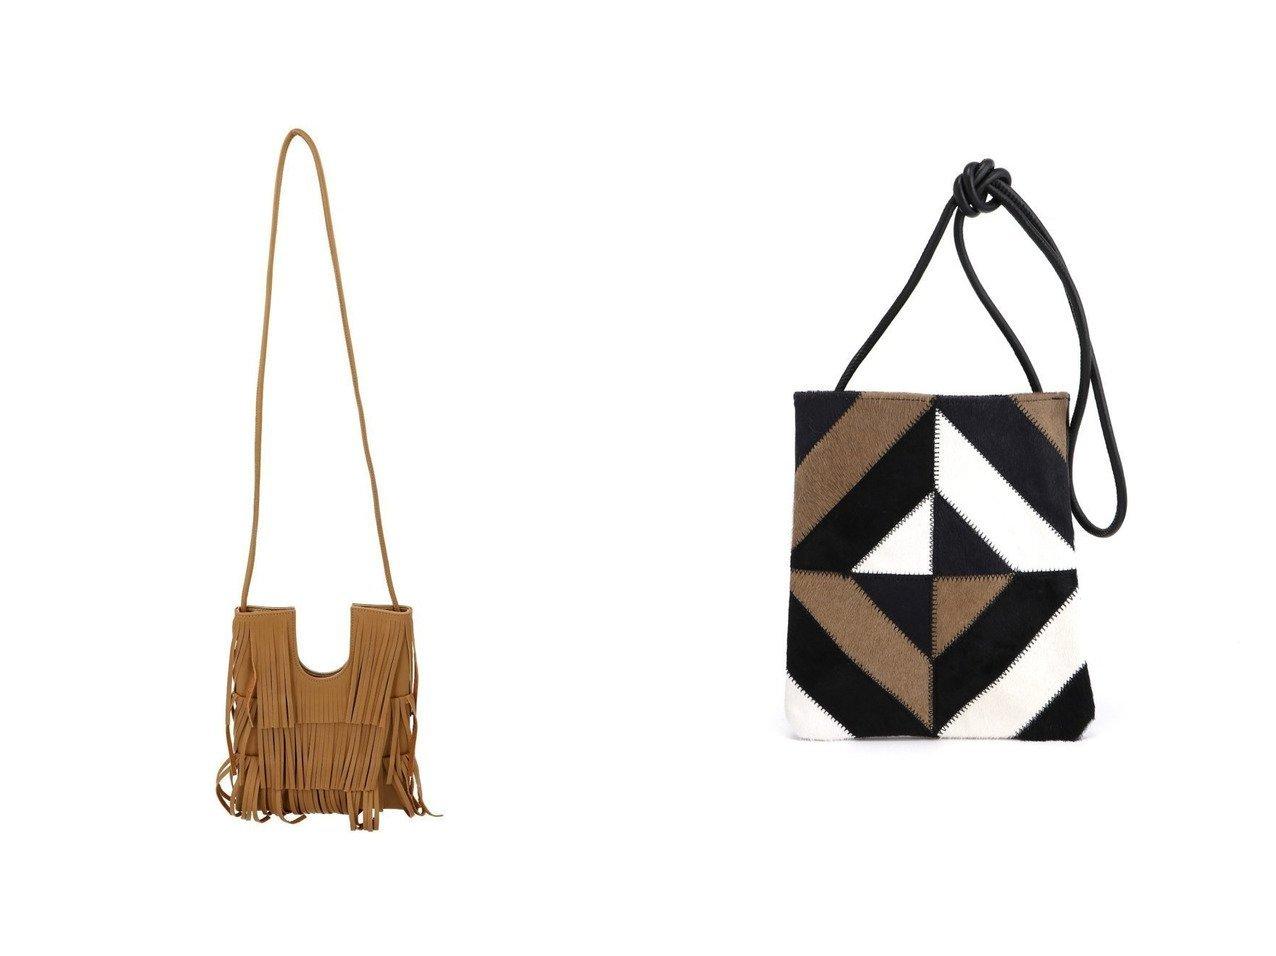 【NOMADIS/ノマディス】のNOMADIS BETTY フリンジBag&GHANA パッチワークBag バッグ・鞄のおすすめ!人気、トレンド・レディースファッションの通販  おすすめで人気の流行・トレンド、ファッションの通販商品 メンズファッション・キッズファッション・インテリア・家具・レディースファッション・服の通販 founy(ファニー) https://founy.com/ ファッション Fashion レディースファッション WOMEN バッグ Bag NEW・新作・新着・新入荷 New Arrivals 2020年 2020 2020-2021 秋冬 A/W AW Autumn/Winter / FW Fall-Winter 2020-2021 A/W 秋冬 AW Autumn/Winter / FW Fall-Winter アクセサリー コンパクト ショルダー スリム フリンジ シンプル パッチワーク |ID:crp329100000015636